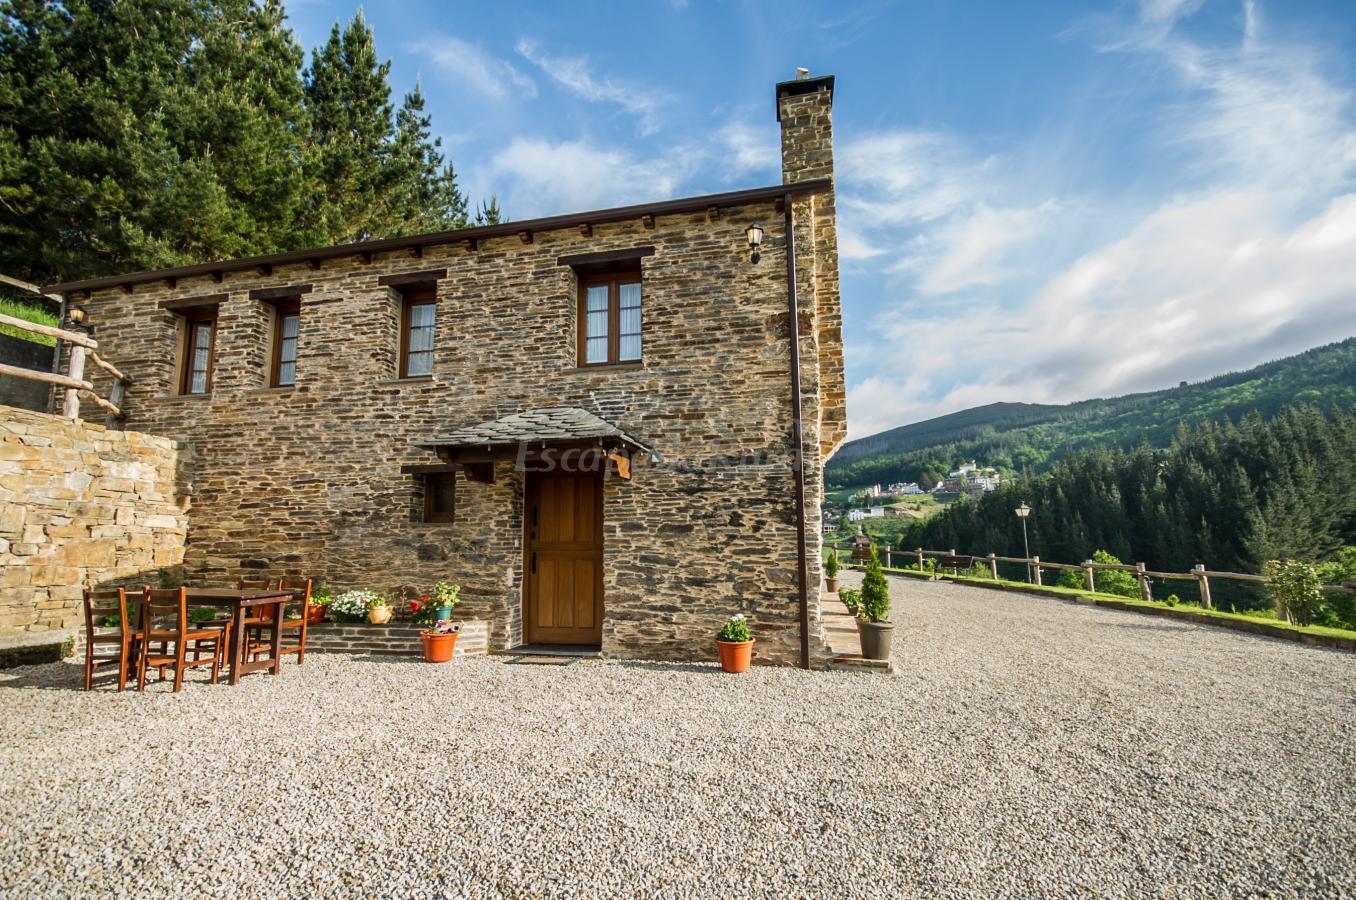 Fotos de apartamentos rurales el sualleiro casa rural en santa eulalia de oscos asturias - Apartamentos baratos asturias ...